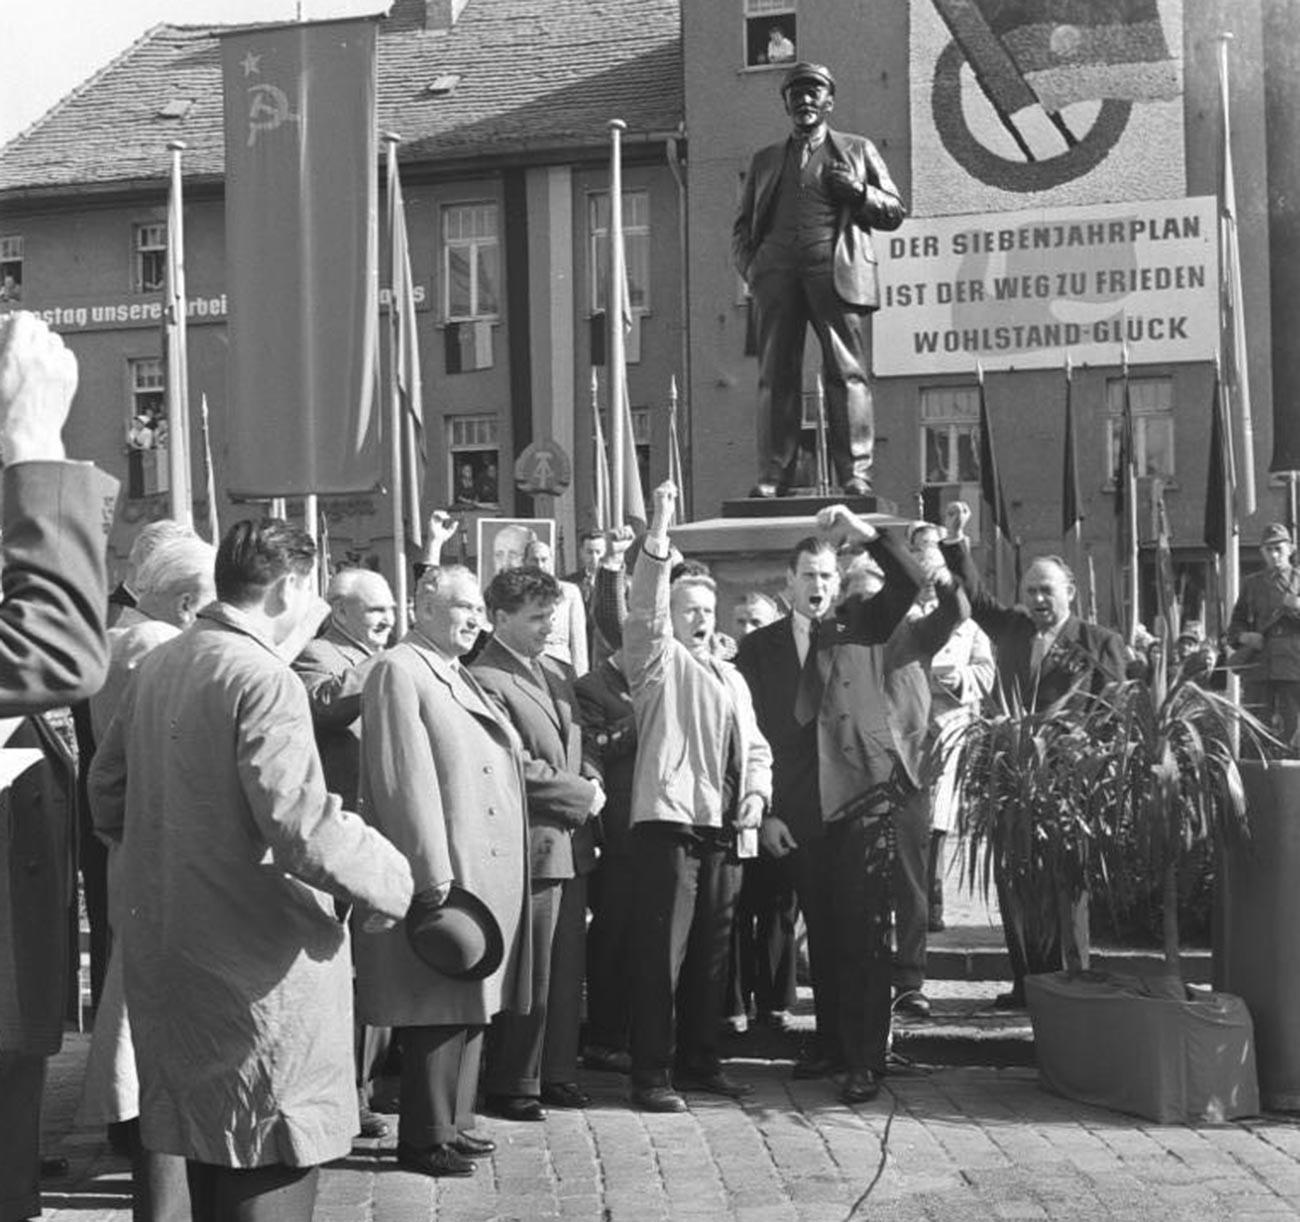 Советская делегация в Айслебене, 1959